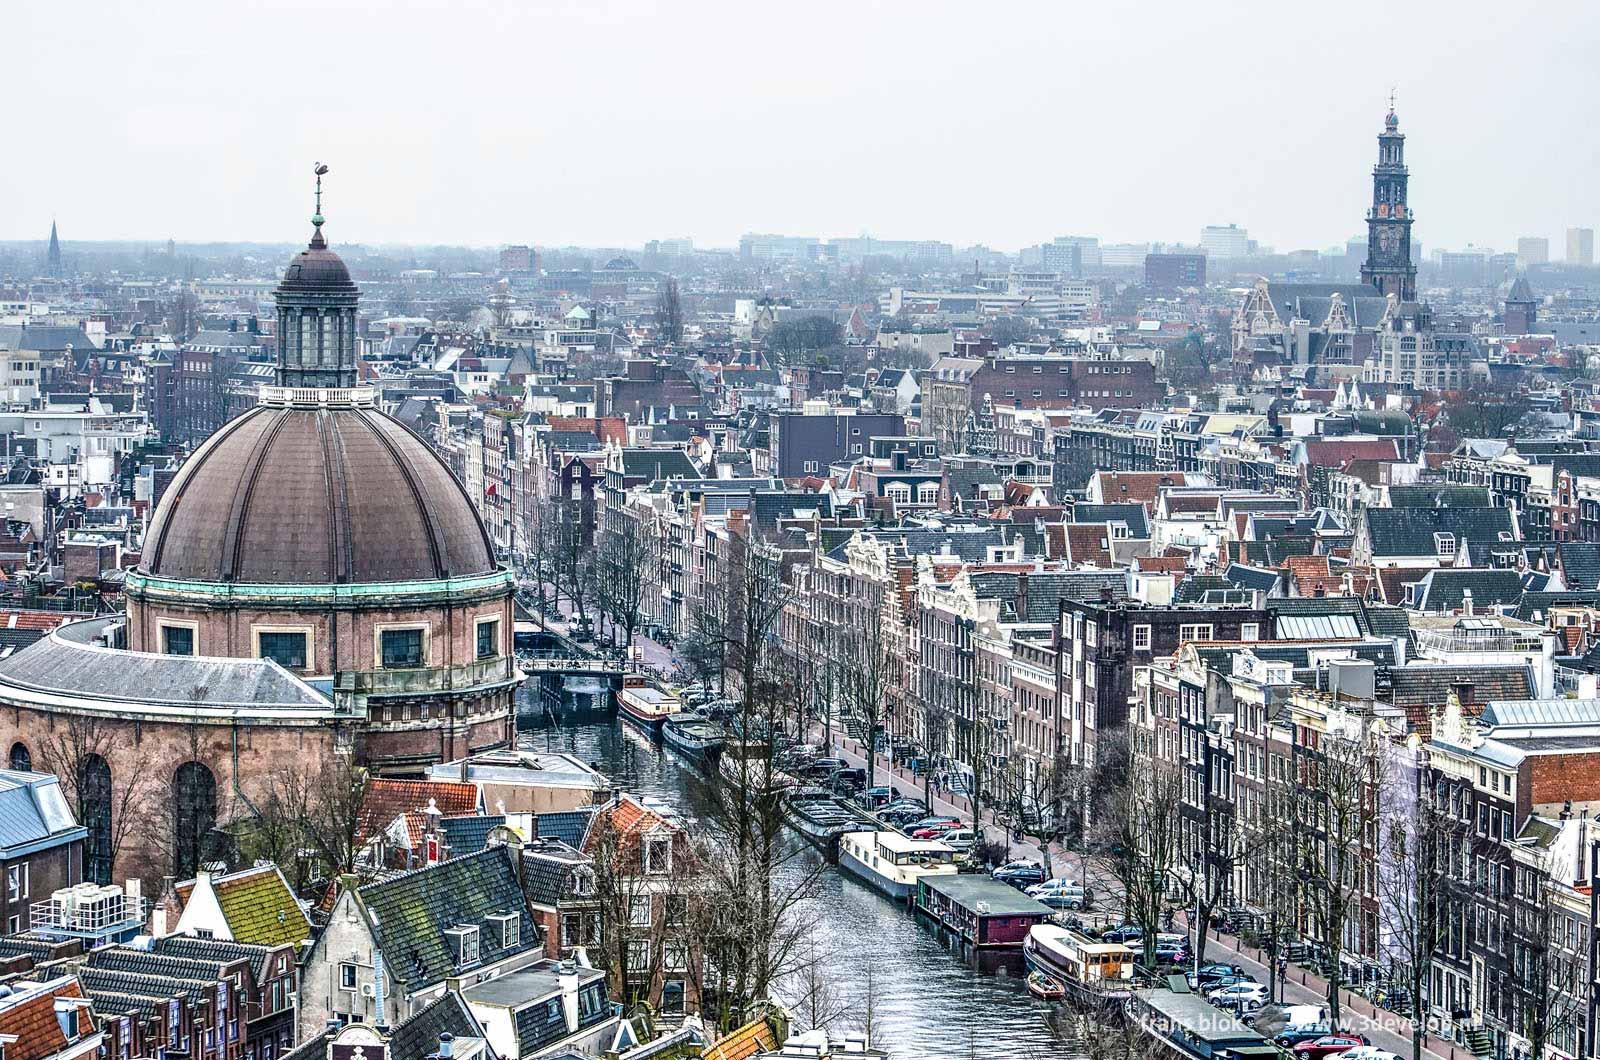 Uitzicht op de binnenstad van Amsterdam met onder andere de Singel, de Koepelkerk en de Westerkerk